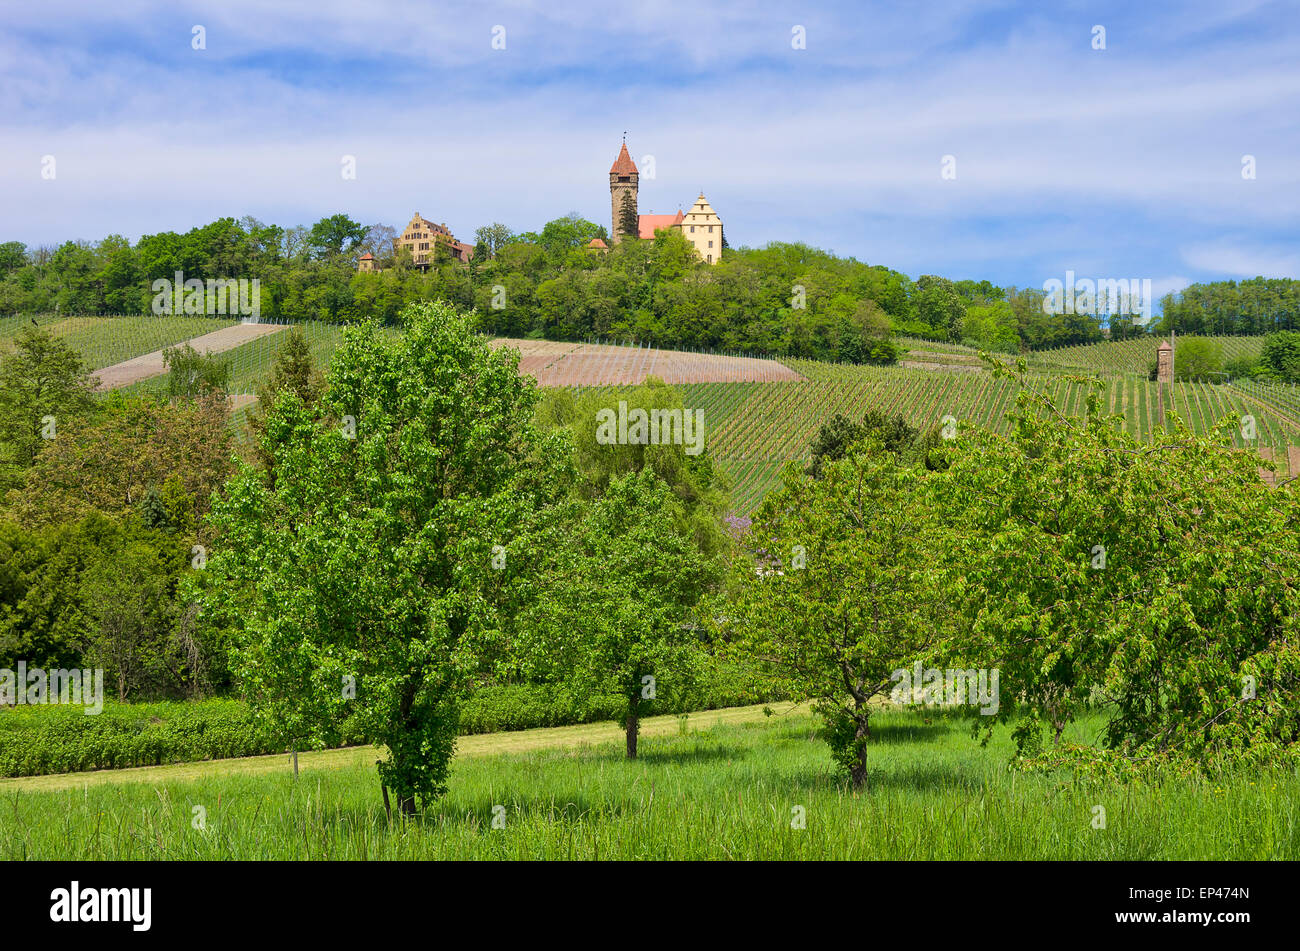 Rural idyll and castle, Schloss Stocksberg Castle near Heilbronn, Germany. Stock Photo